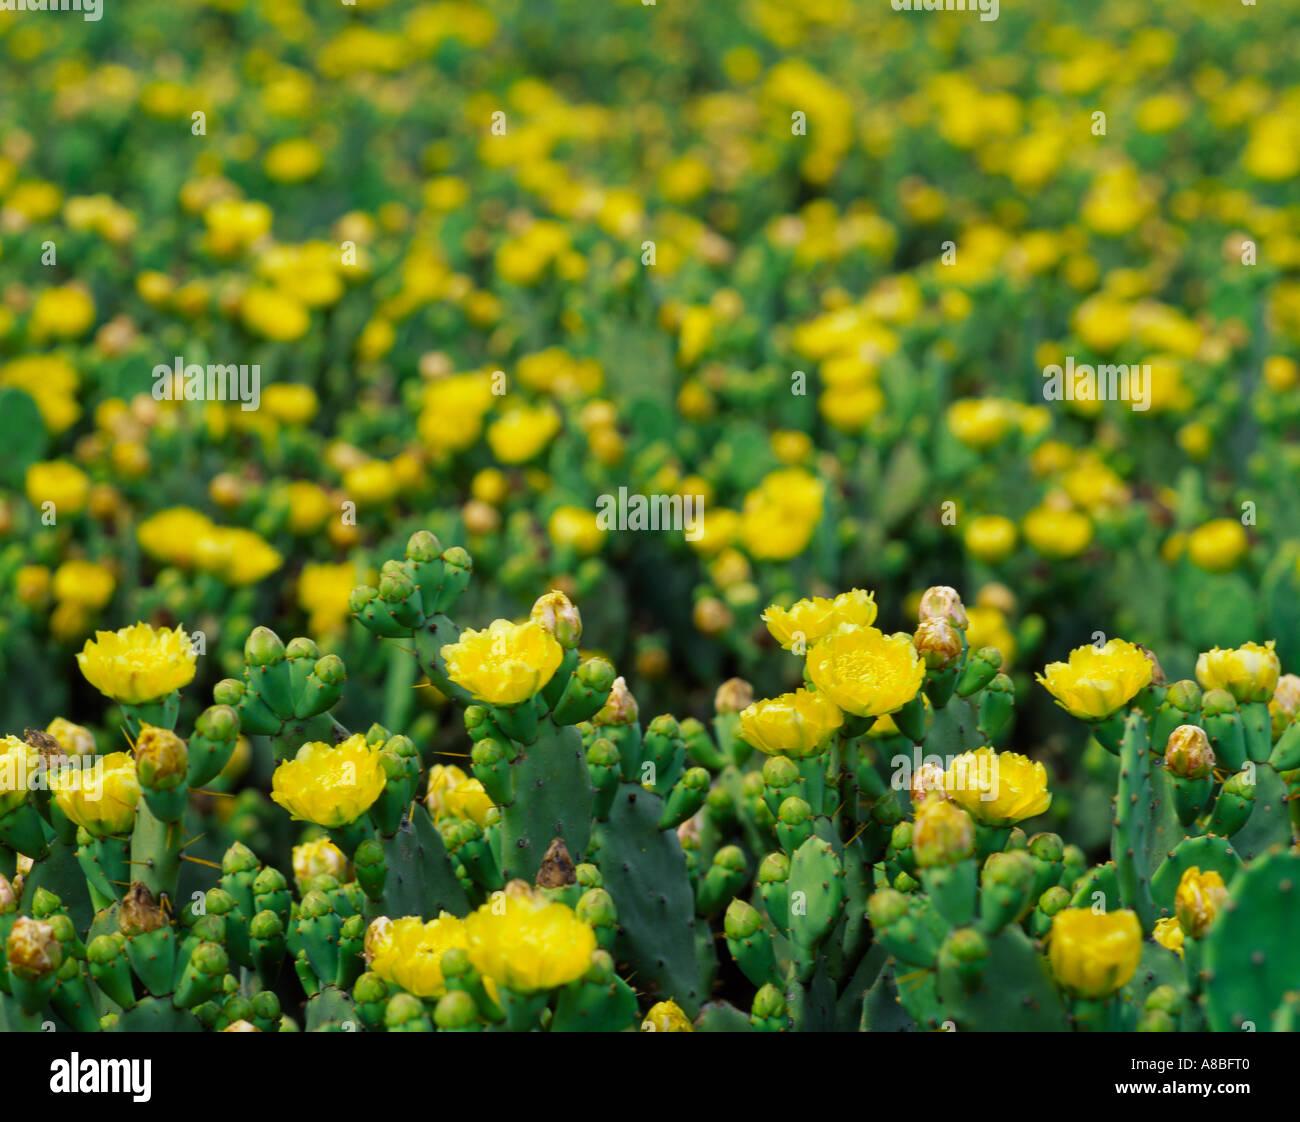 Jeju island yellow wild flowers stock photo 6886079 alamy jeju island yellow wild flowers mightylinksfo